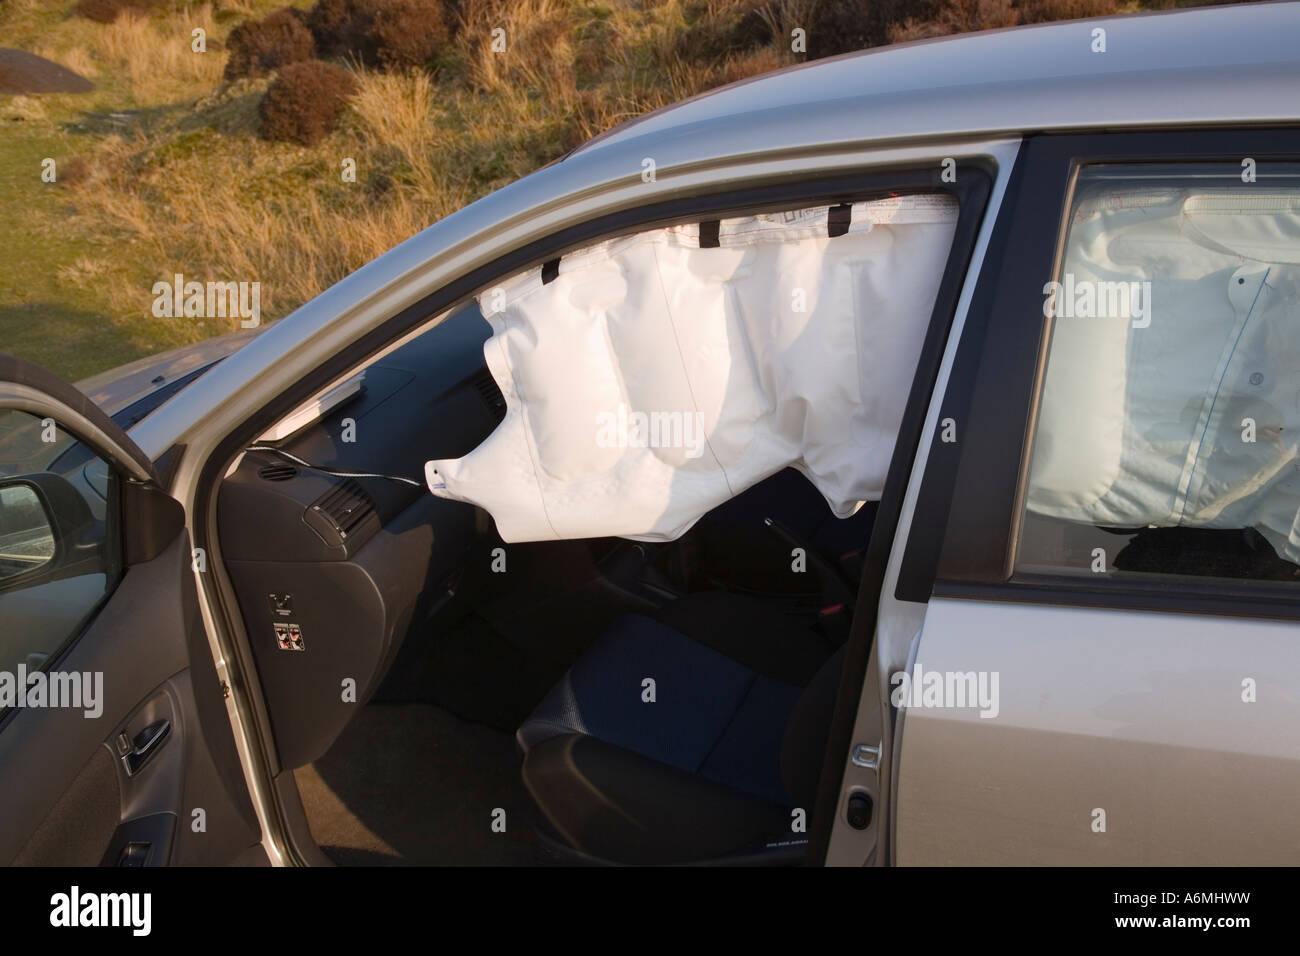 Toyota Corolla avec SRS airbag rideau latéral près de gonflé après ...